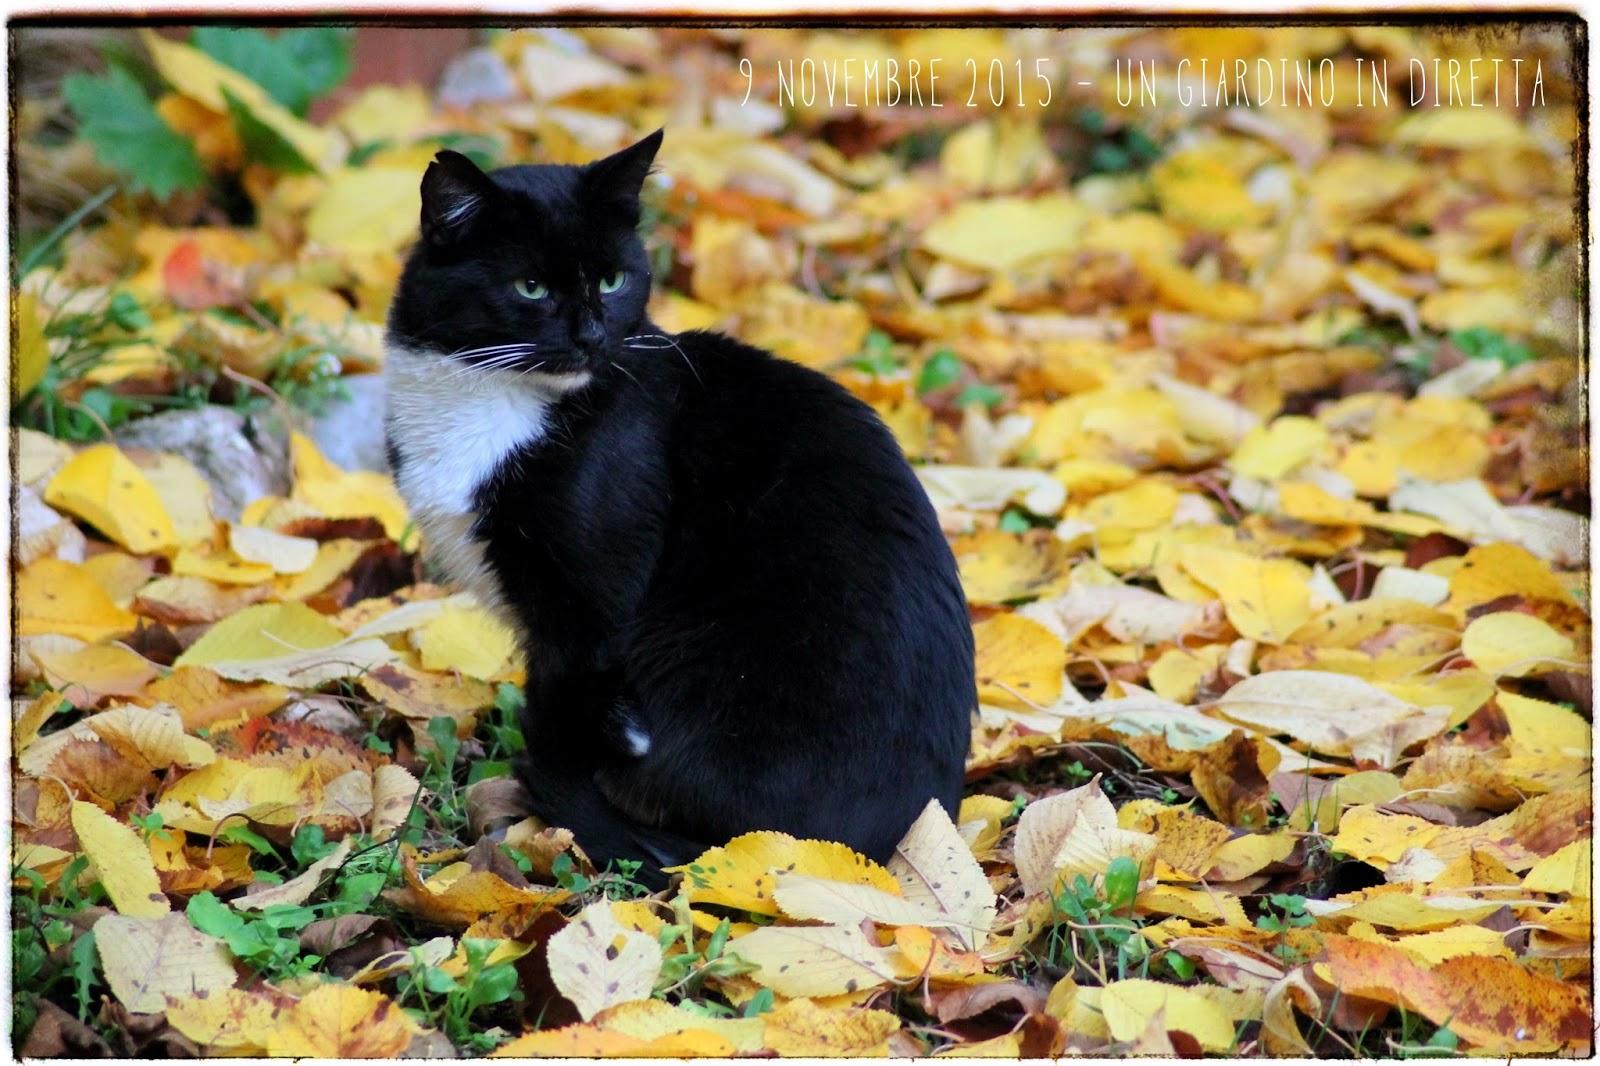 Lavori in giardino di novembre con gatto un giardino in - Lavori in giardino ...